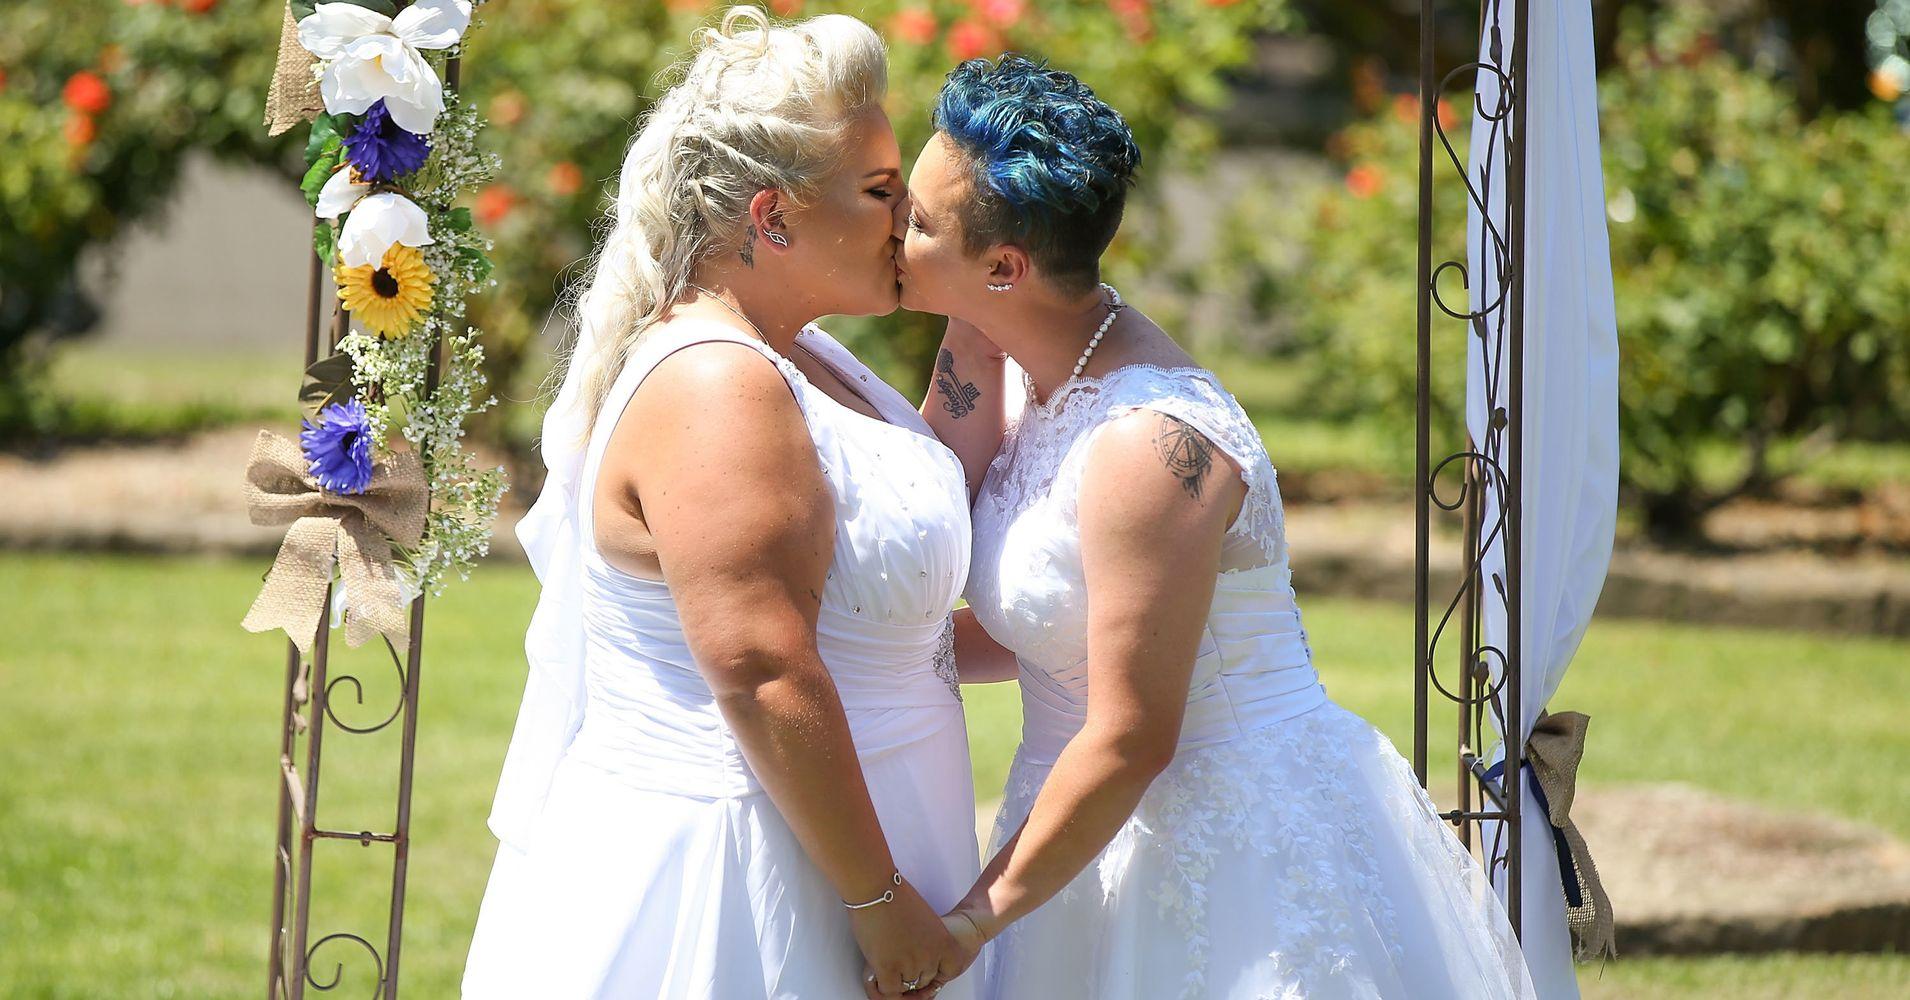 Секс тестя с невесткой онлайн, Невестка (найдено 66 порно видео роликов) 18 фотография